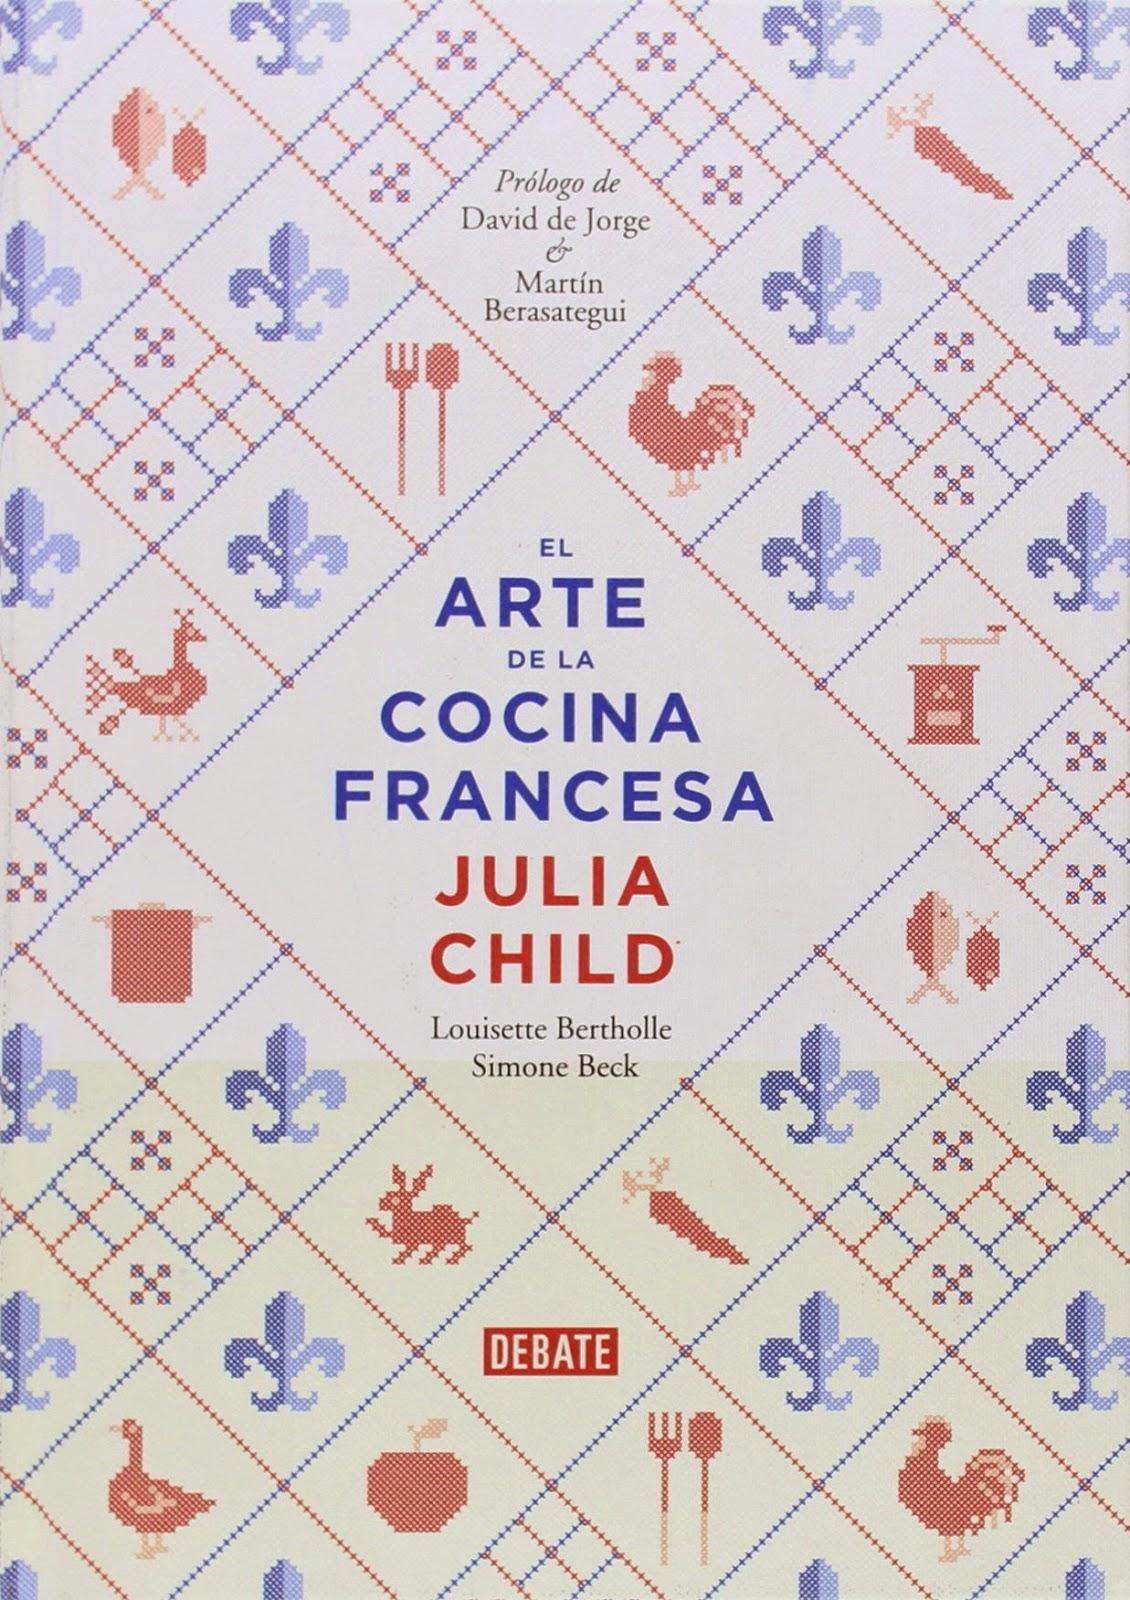 El arte de la cocina francesa dossier for Caracteristicas de la gastronomia francesa